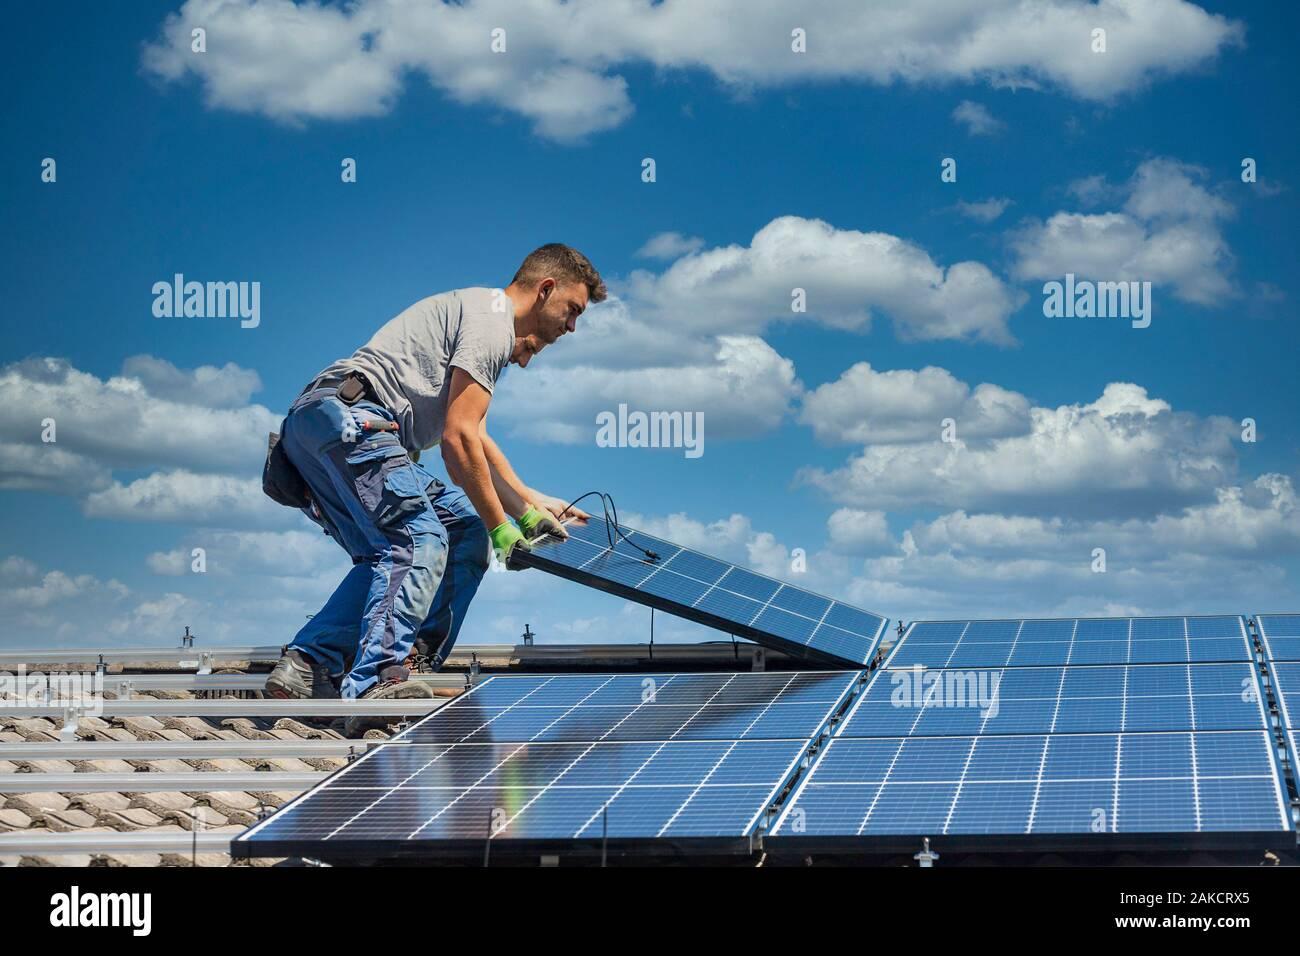 Instalación de sistema de panel solar fotovoltaica. Técnico de panel solar la instalación de paneles solares en el techo. Concepto ecológico de energía alternativa. Foto de stock